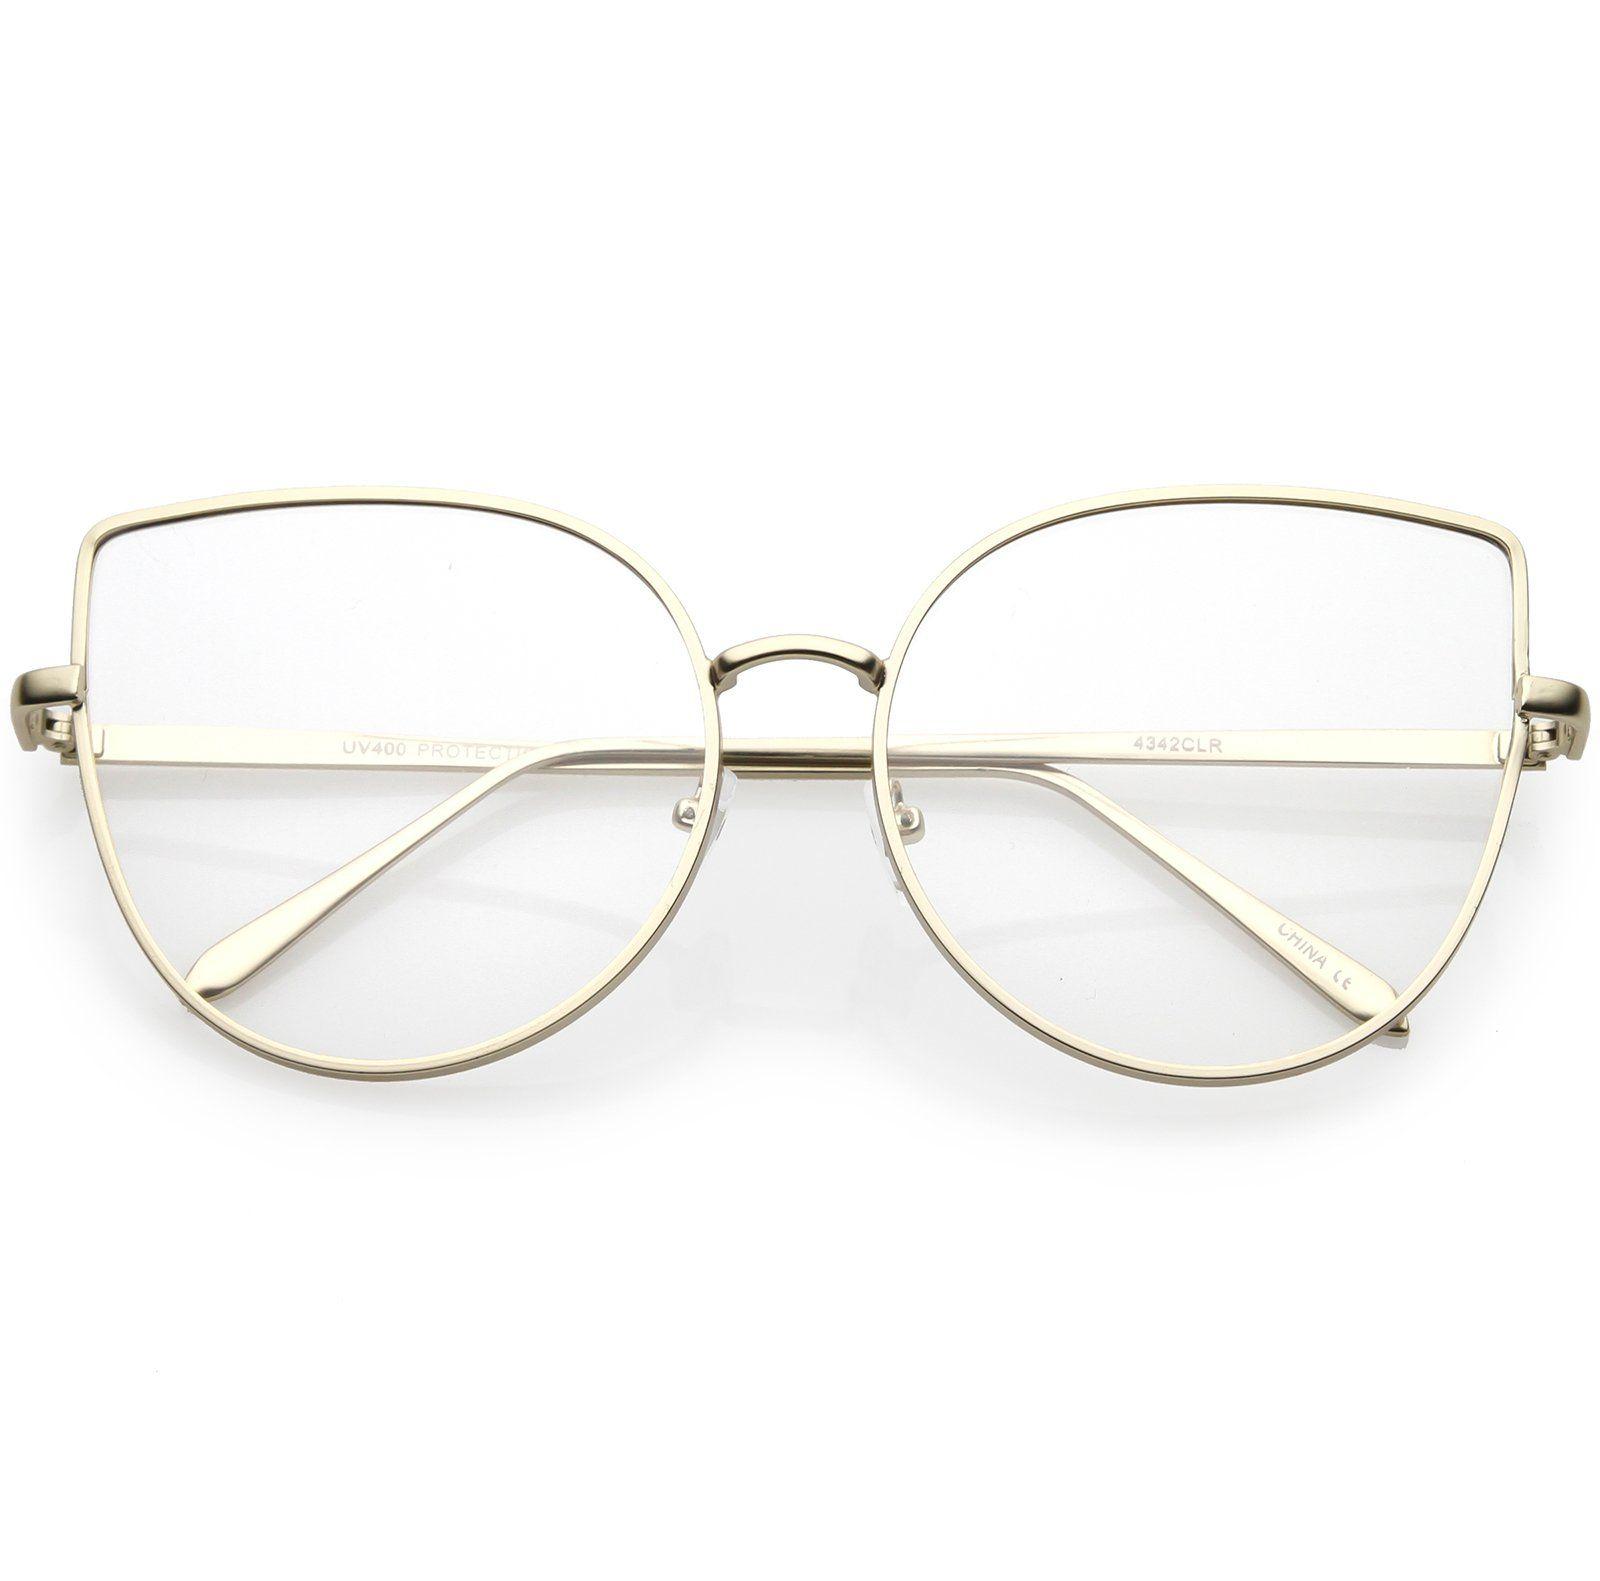 73eae1e8e38 Women s Oversize Metal Cat Eye Glasses Slim Arms Flat Lens 59mm  frame   clear  summer  sunglasses  purple  bold  oversized  womens  sunglassla   mirrored